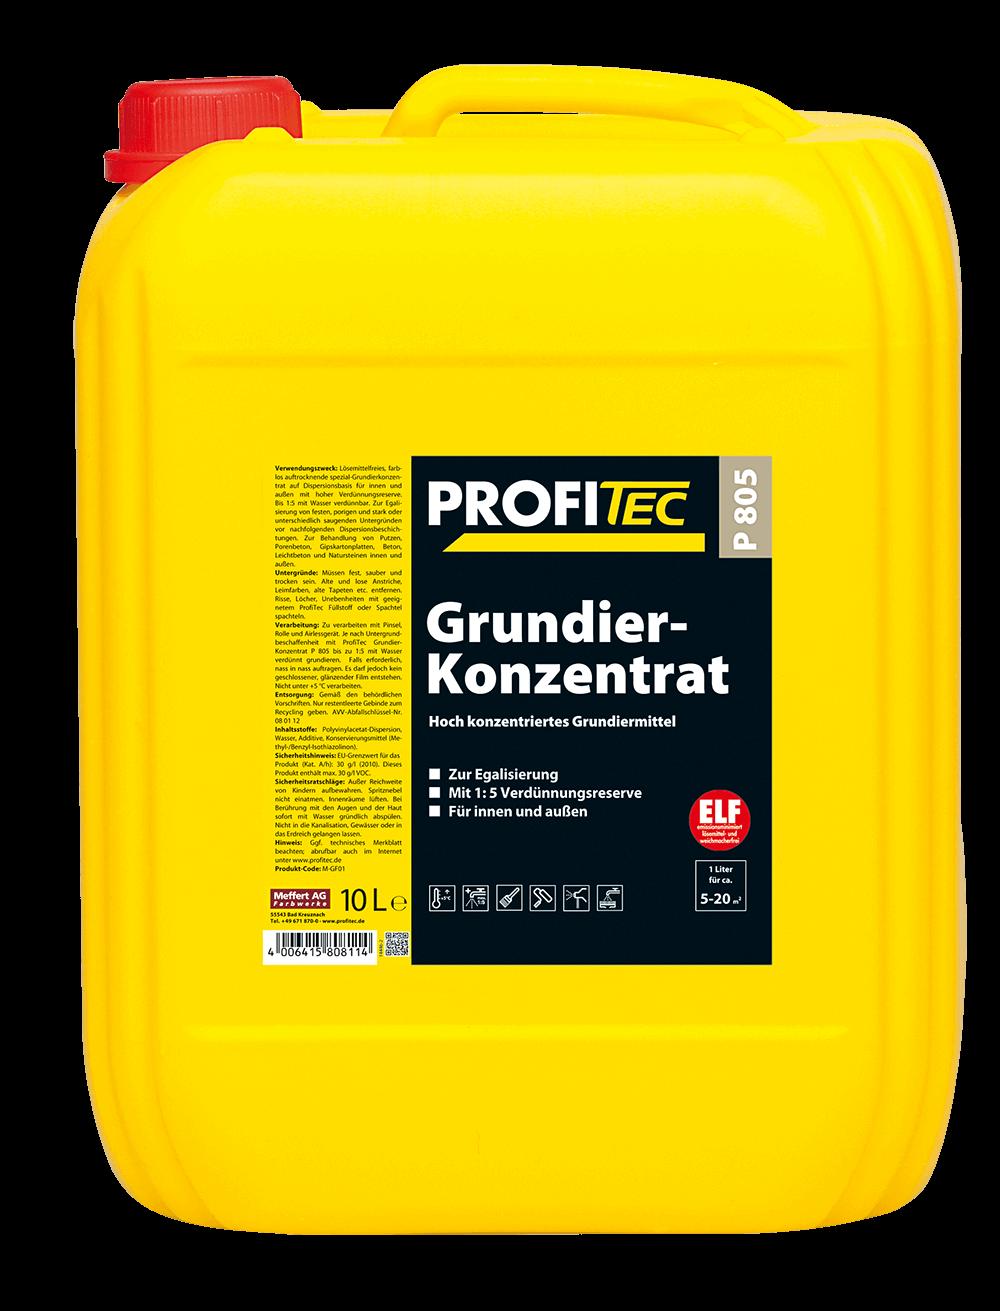 Grundier-Konzentrat P 805